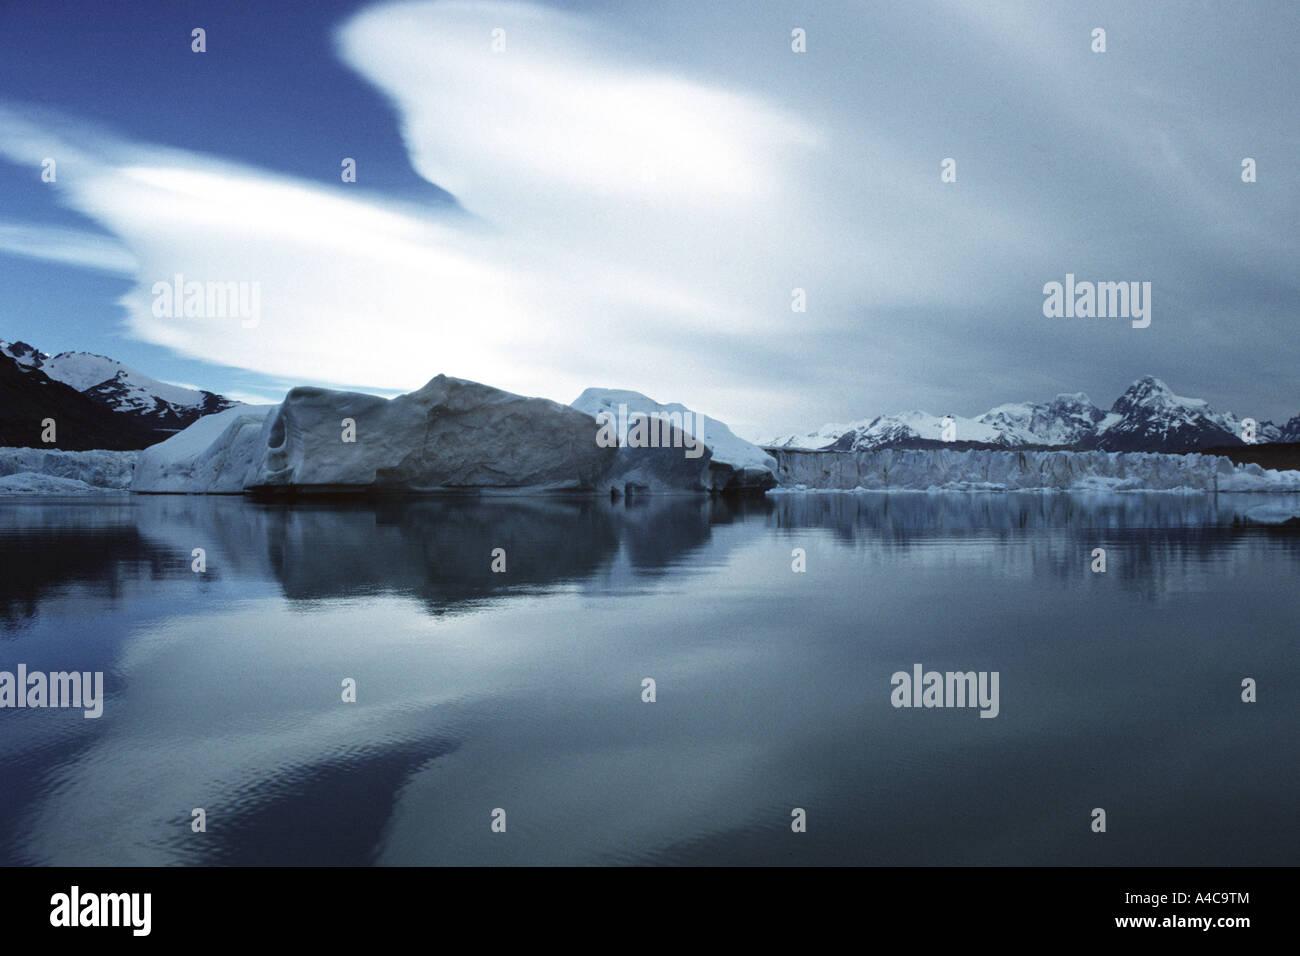 Upsala Gletscher, Los Tundrazone Nationalpark, Patagonien, Argentinien Stockfoto